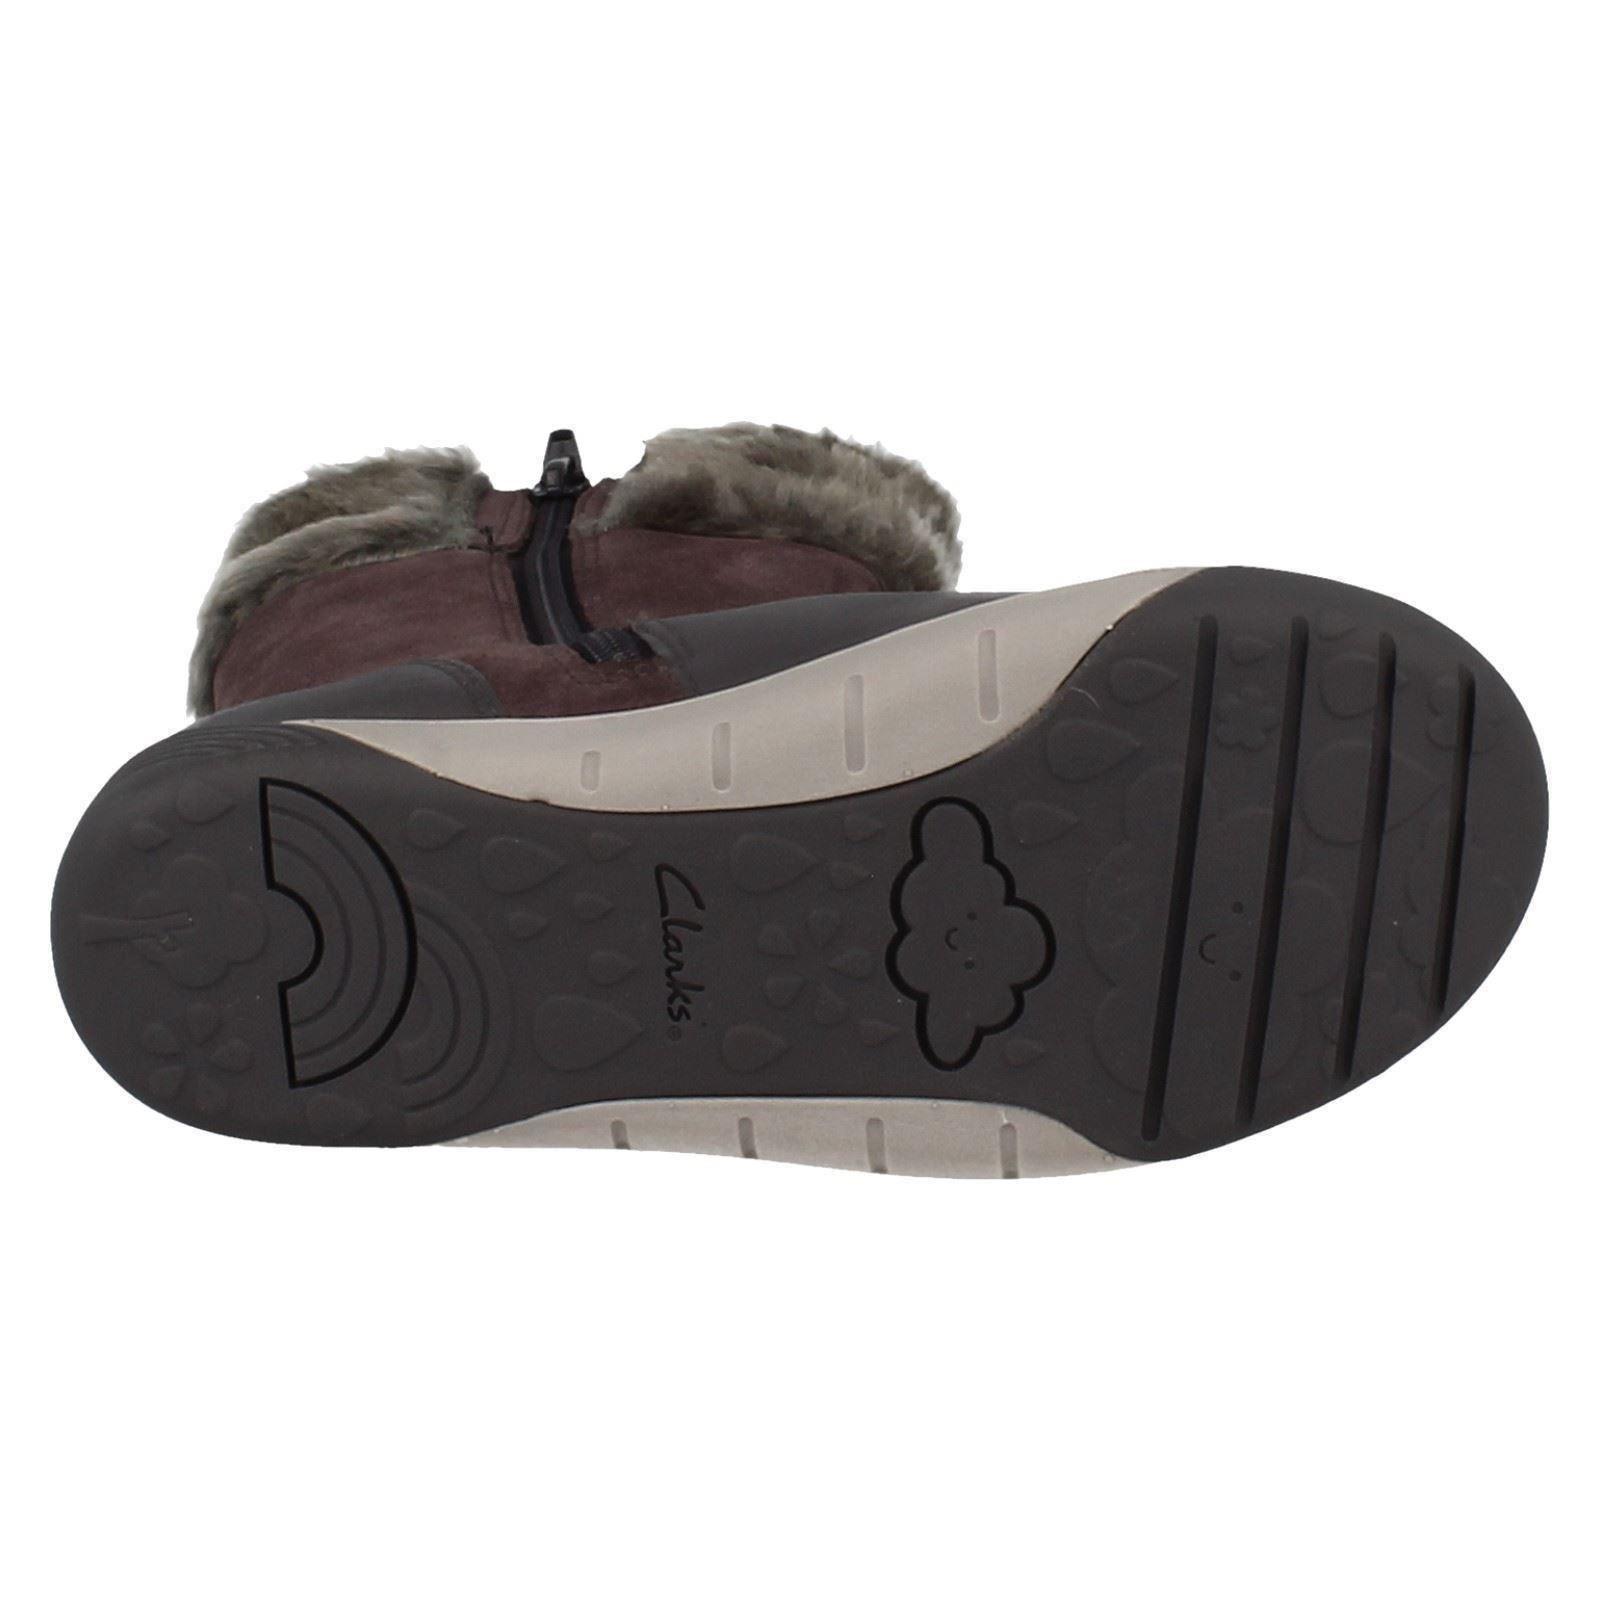 f19f6fdad09ac Clarks Girls Calf Length Winter Boots - Lil Folk Rae | eBay